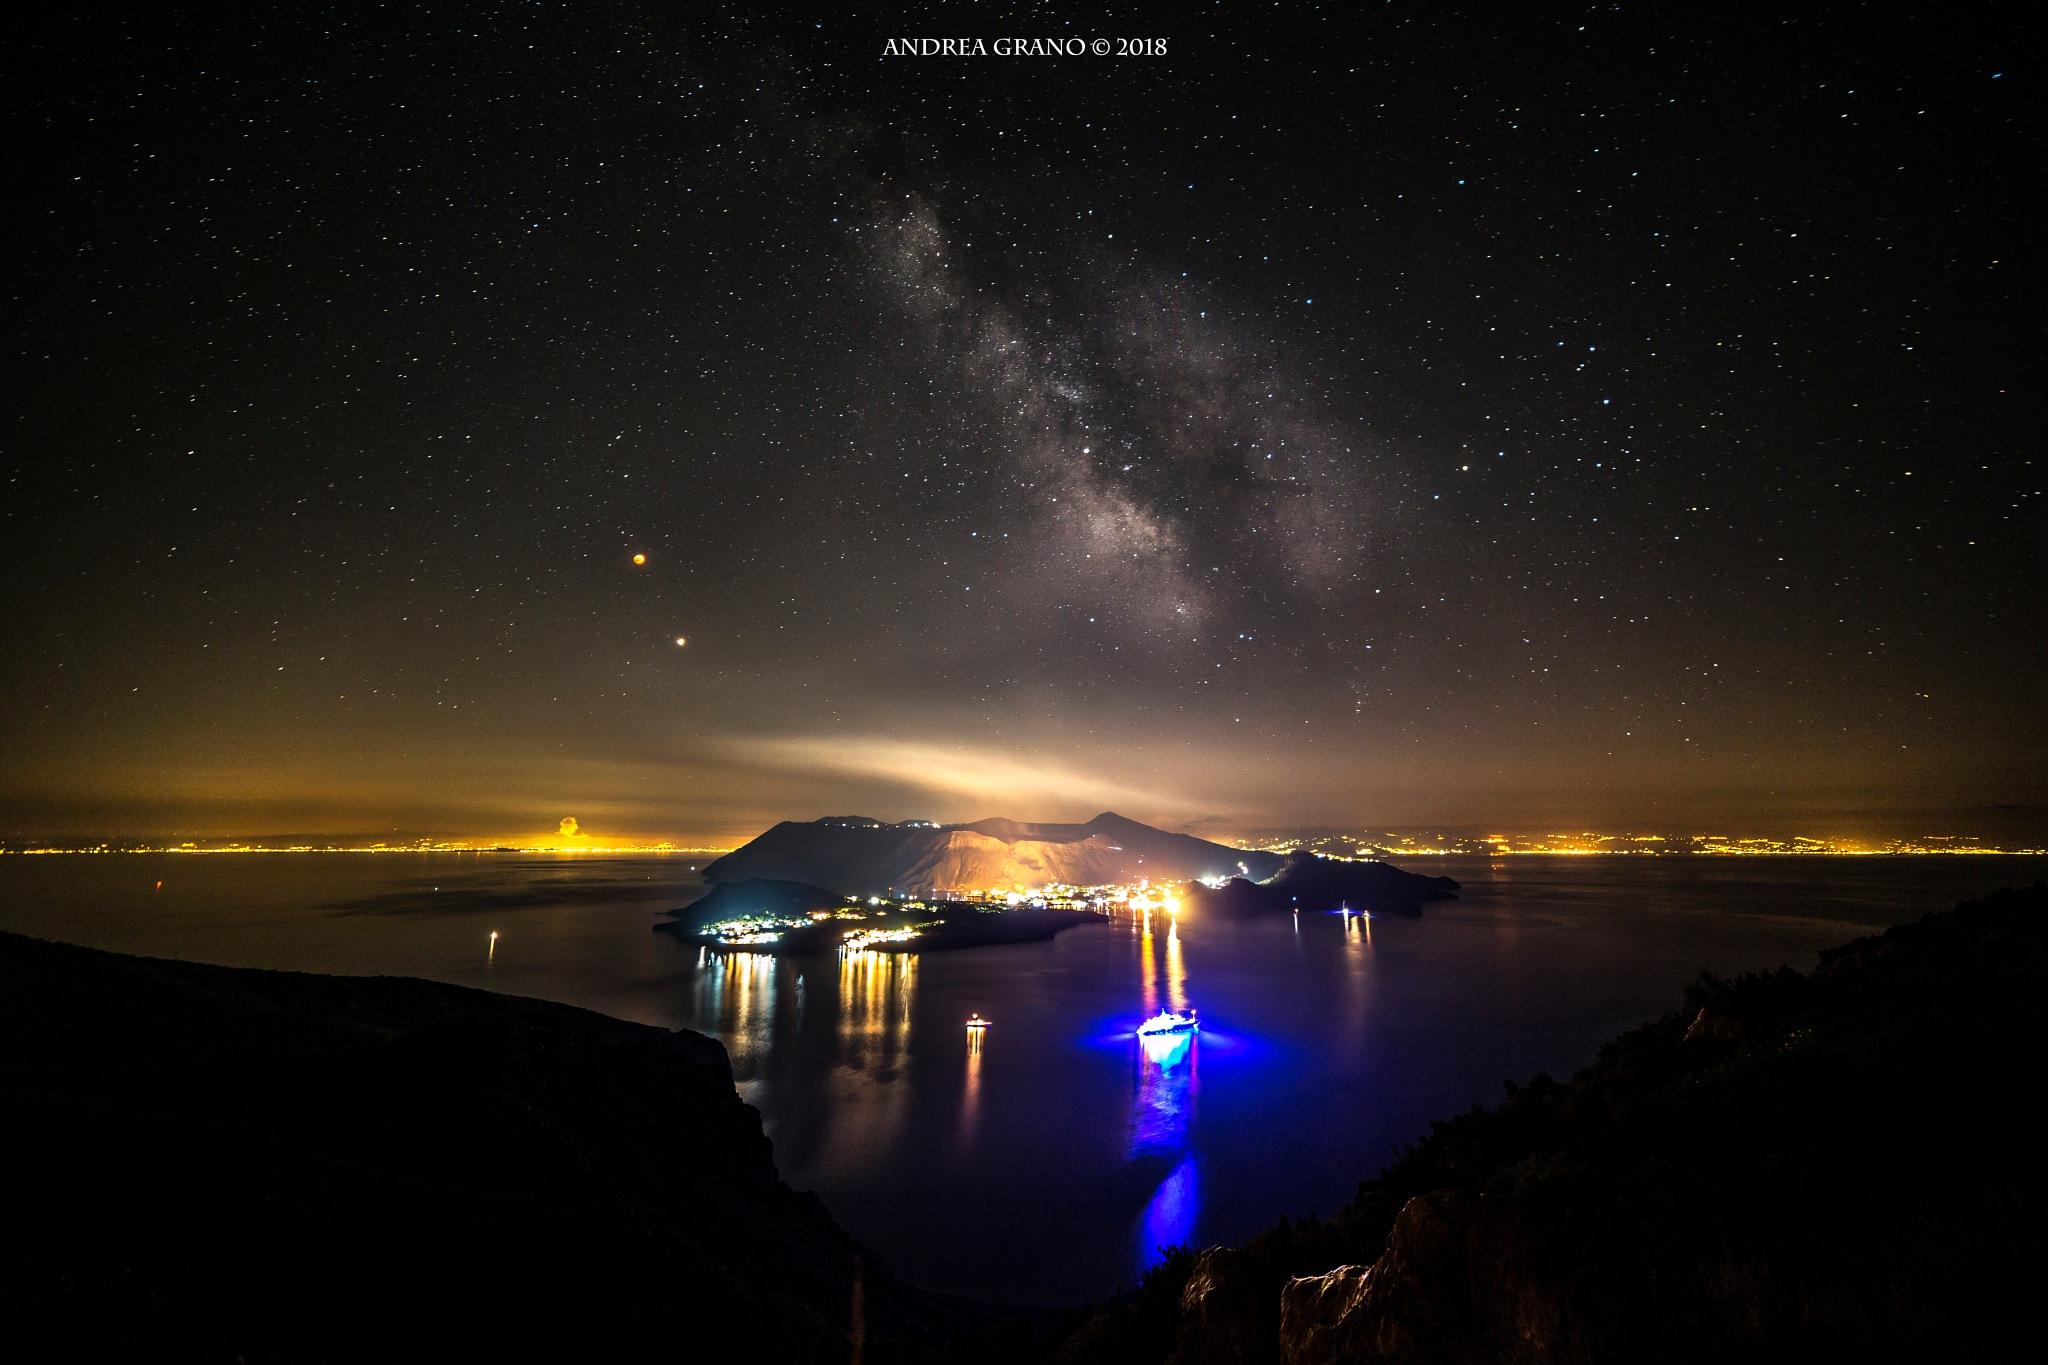 Milkyway over Vulcano by Andrea Grano